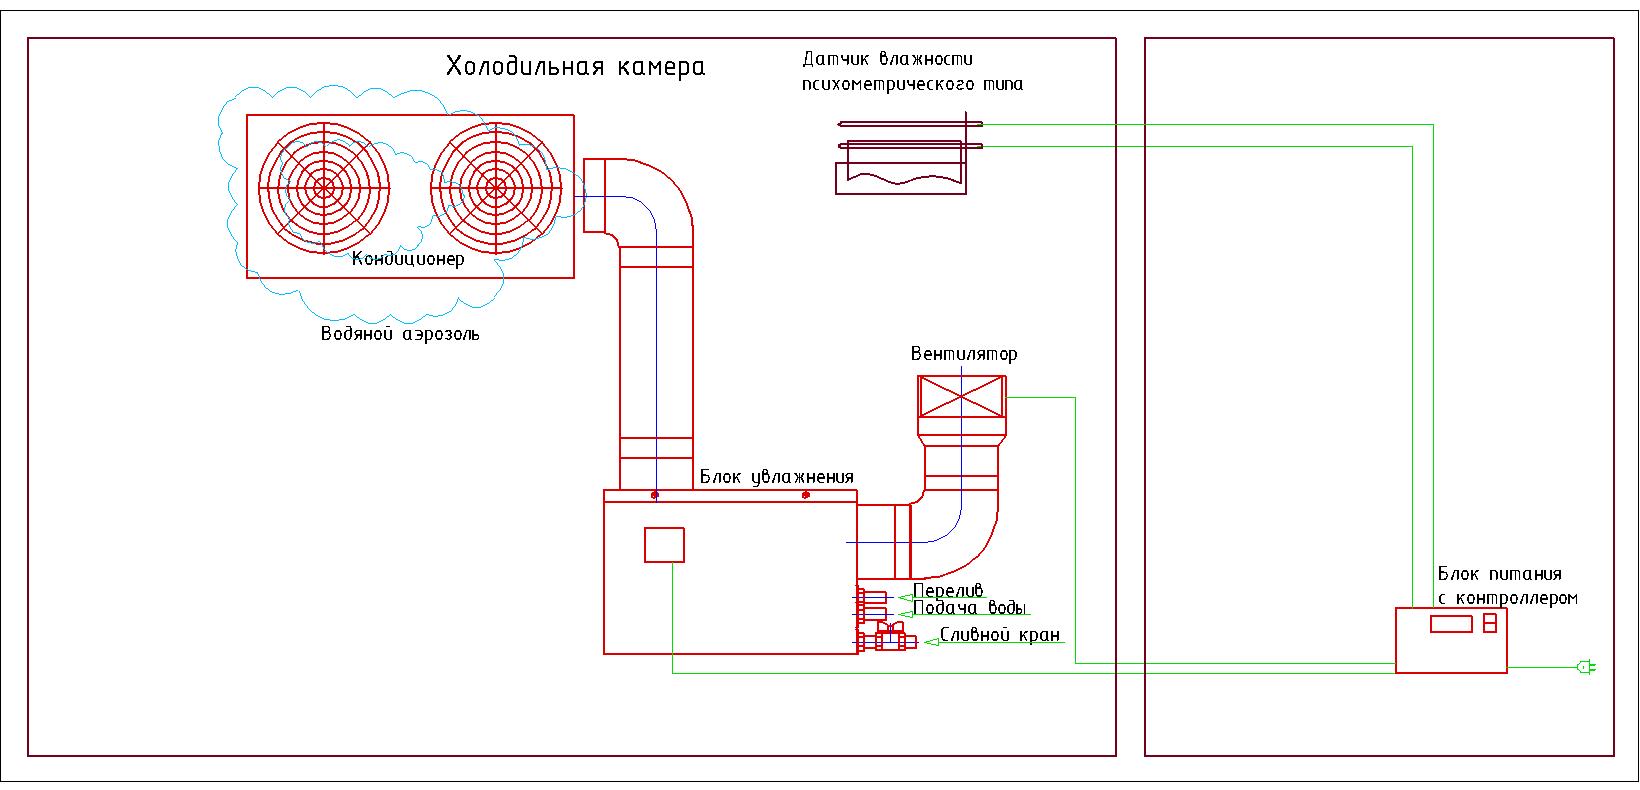 Схема размещения холодильных камер